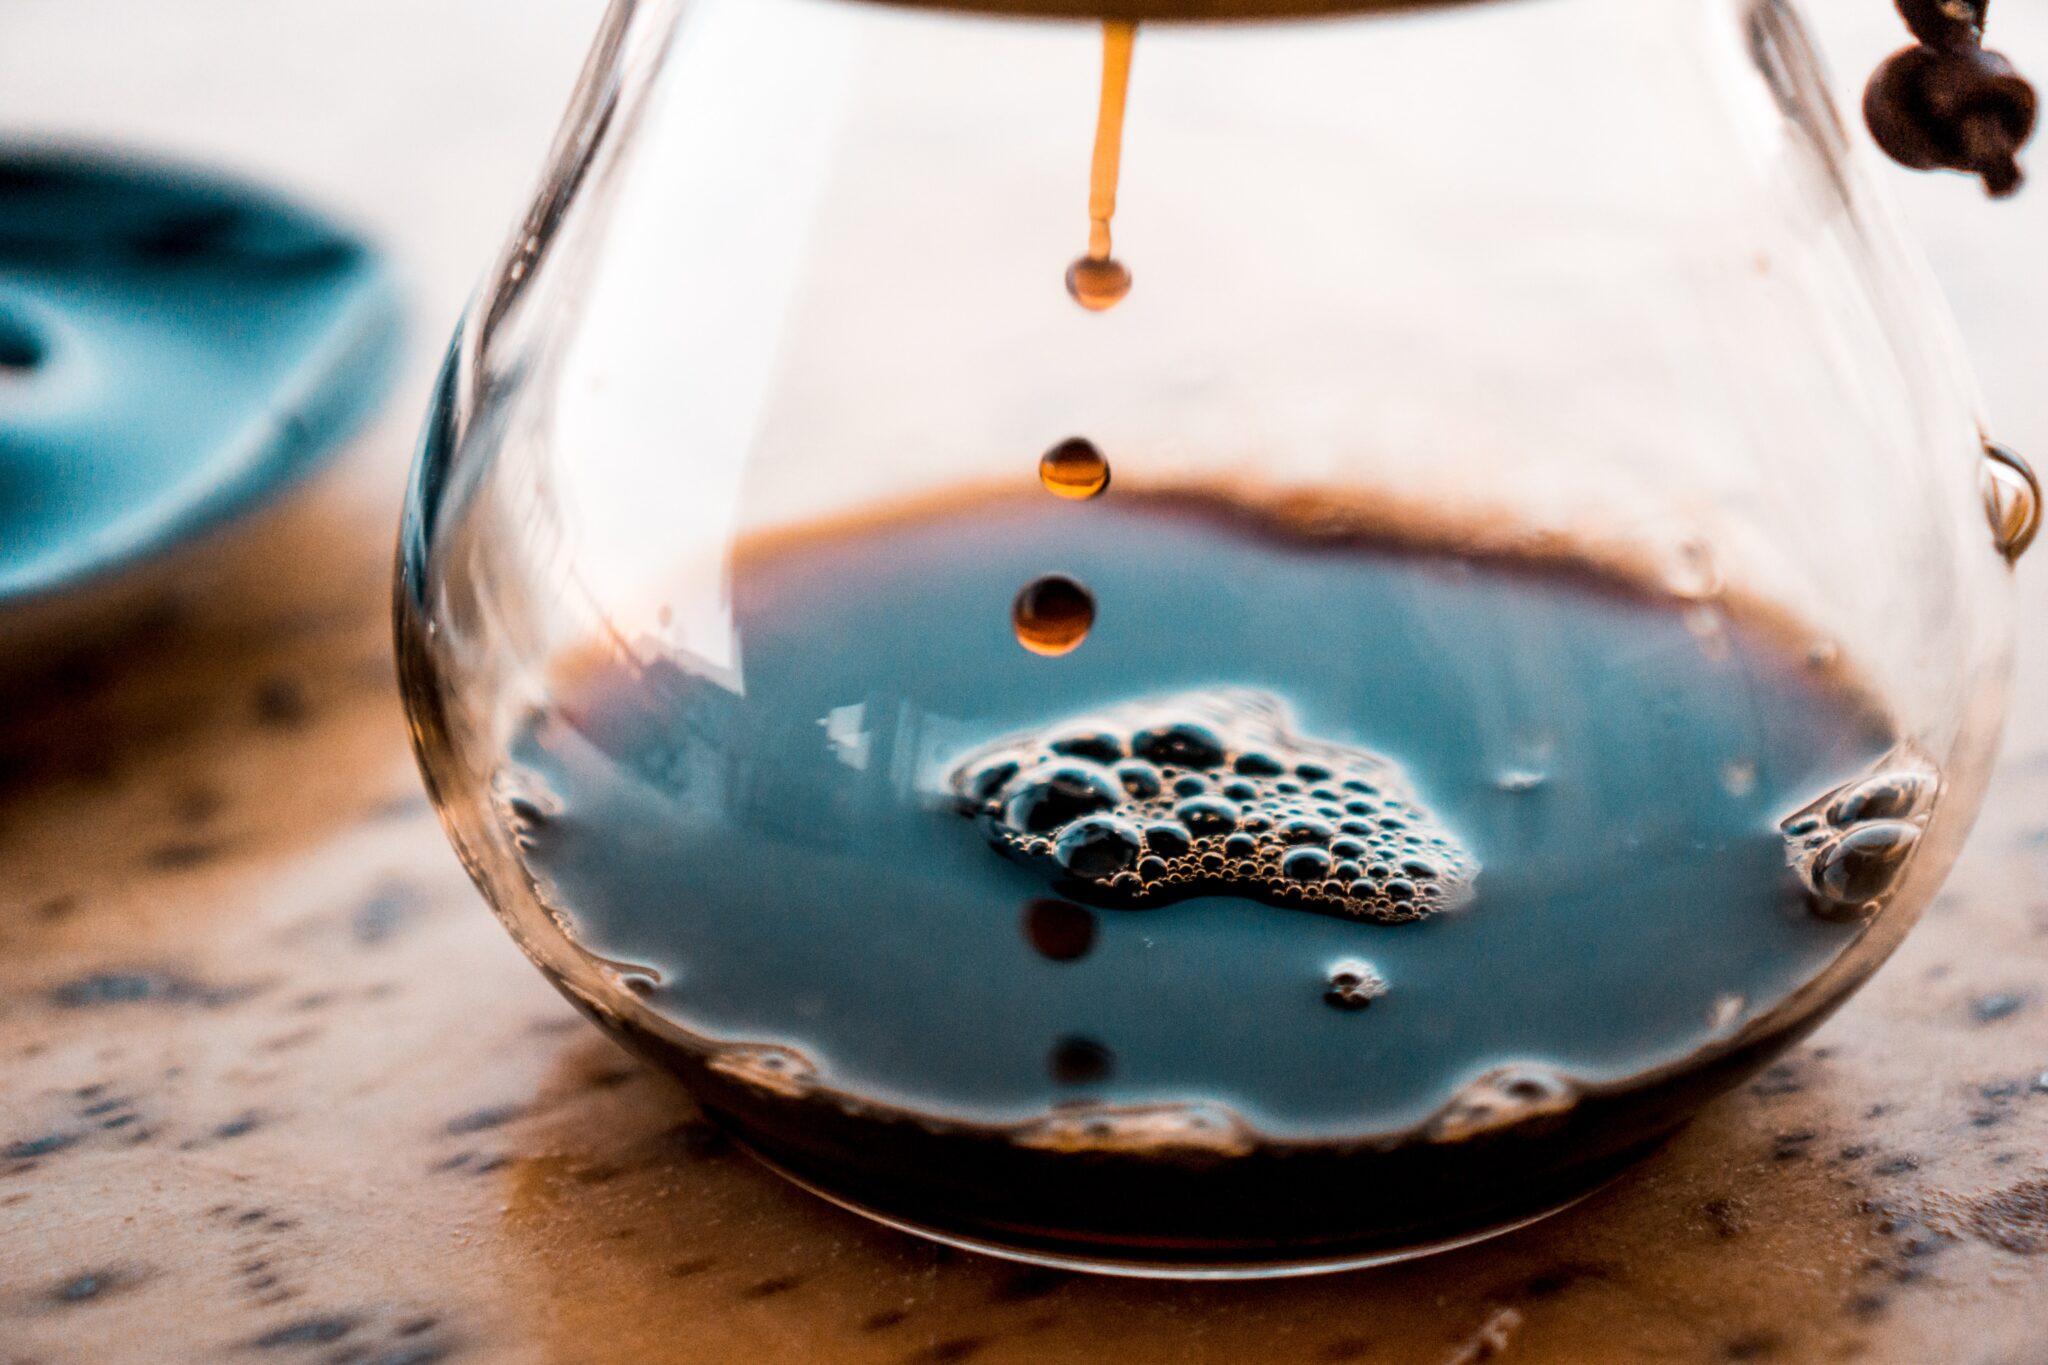 Kaffee, der langsam in eine Glaskanne tropft